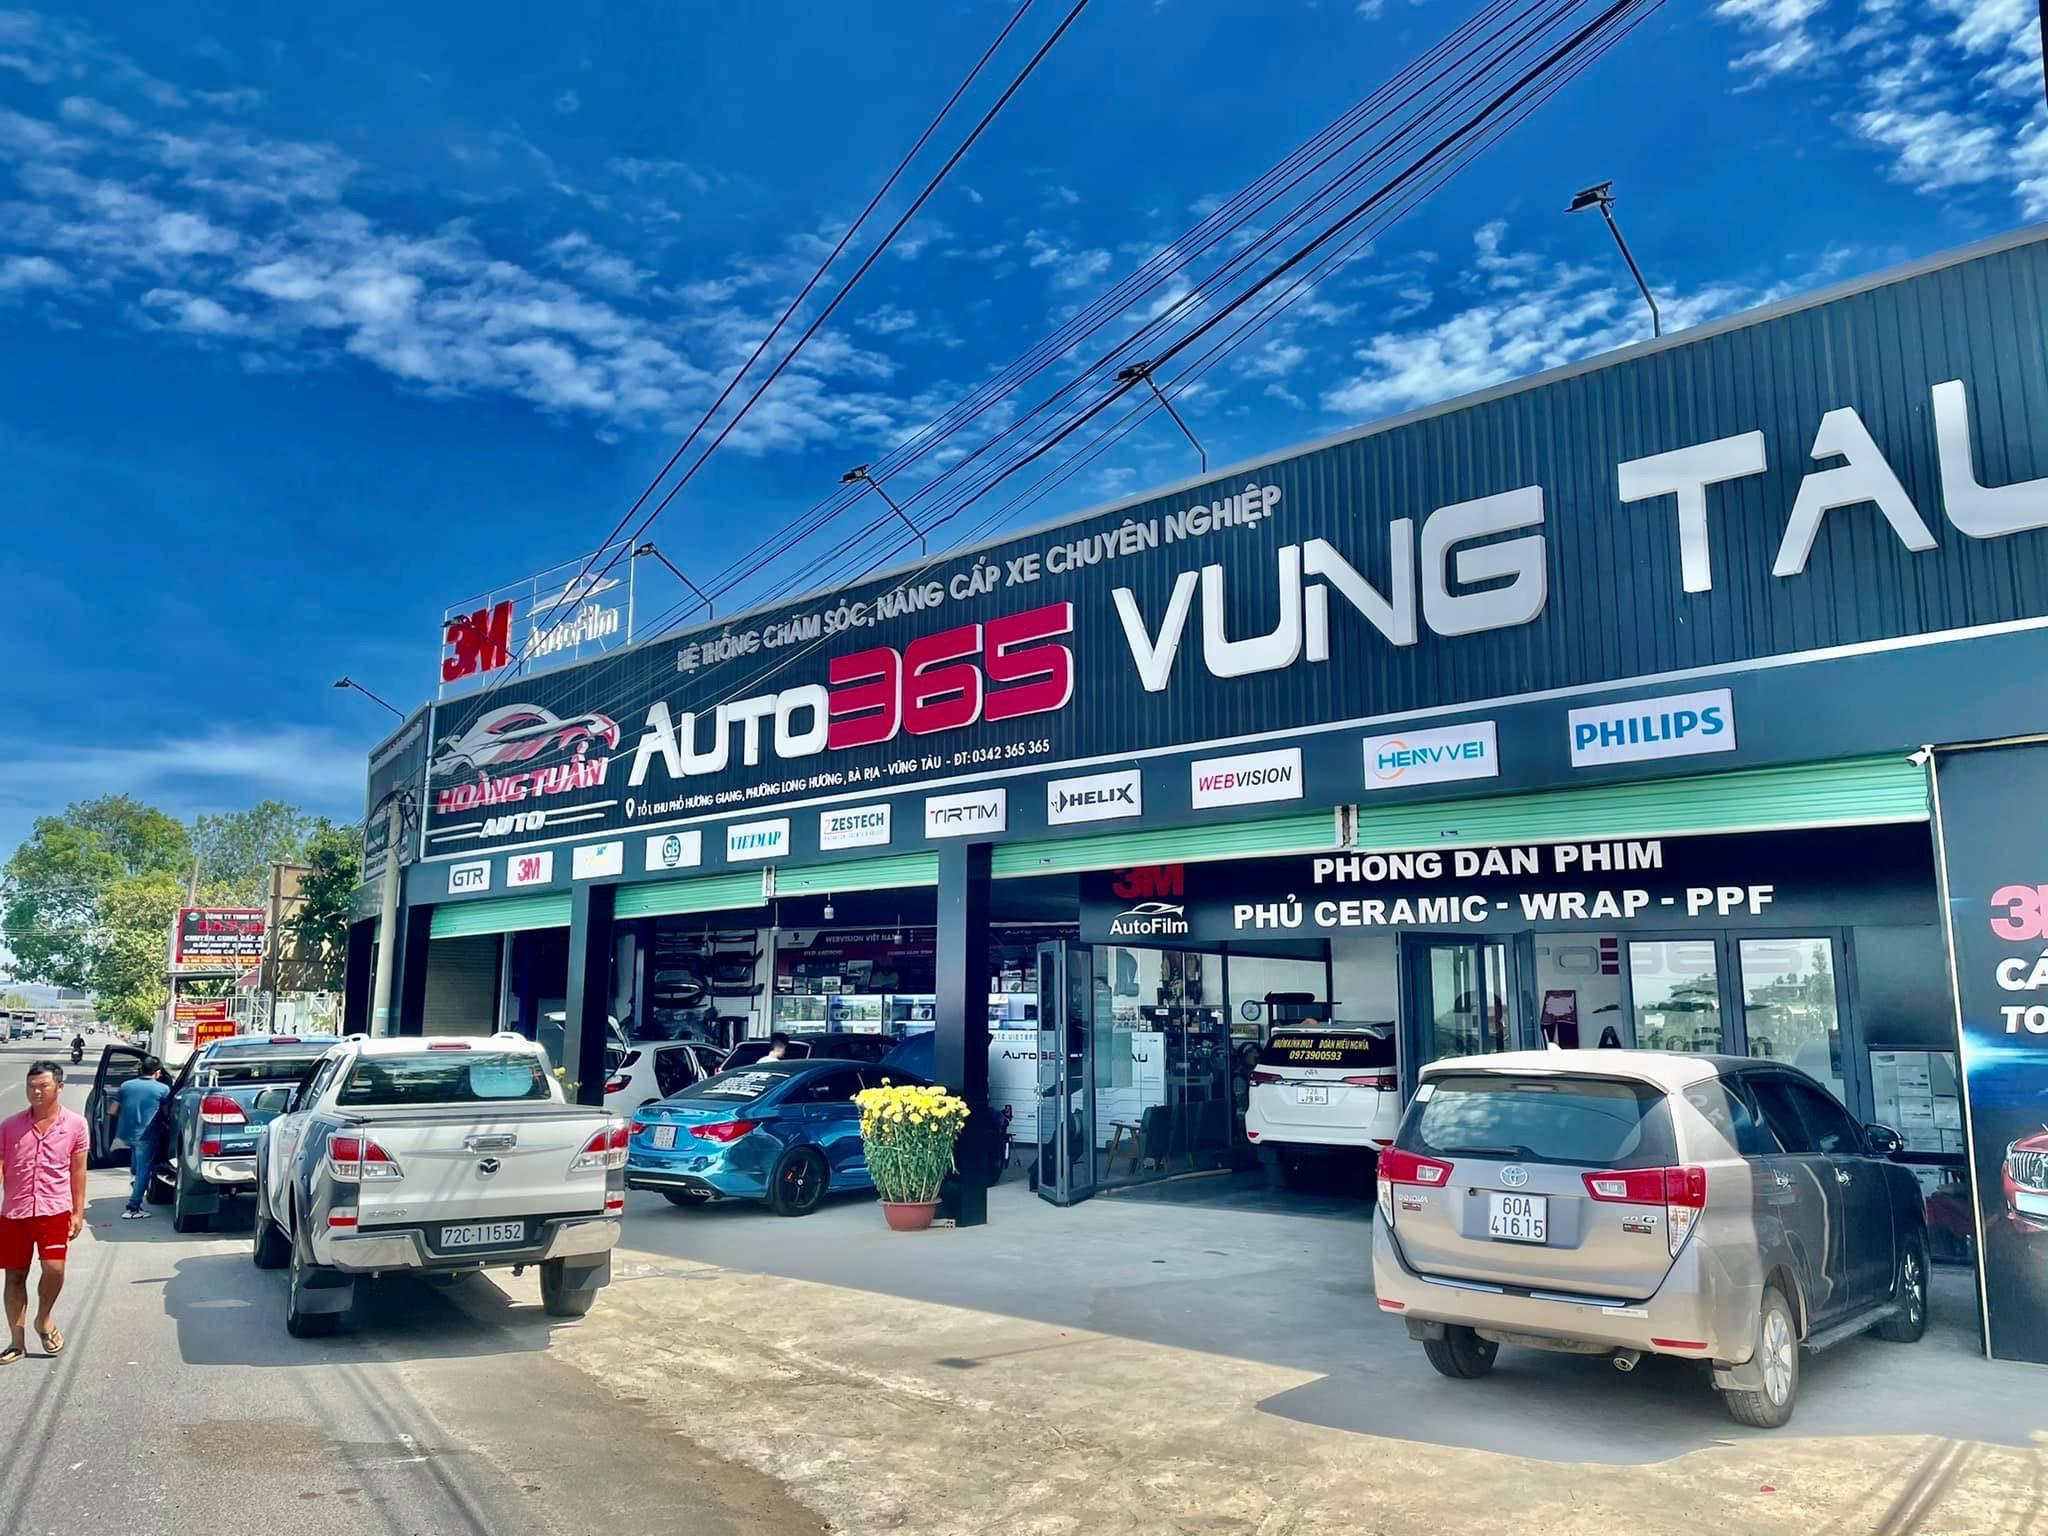 Auto 365 Vũng Tàu